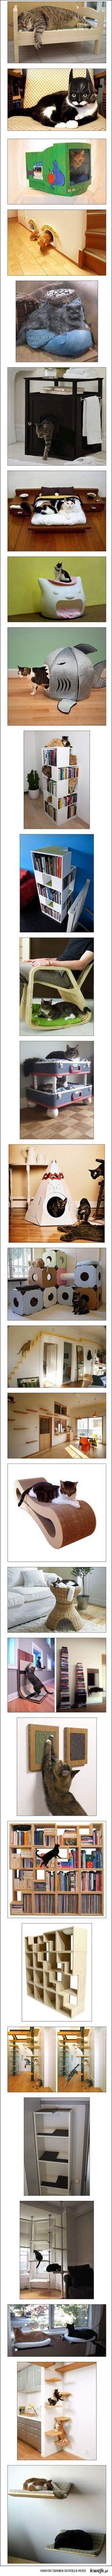 Kitty furniture :)